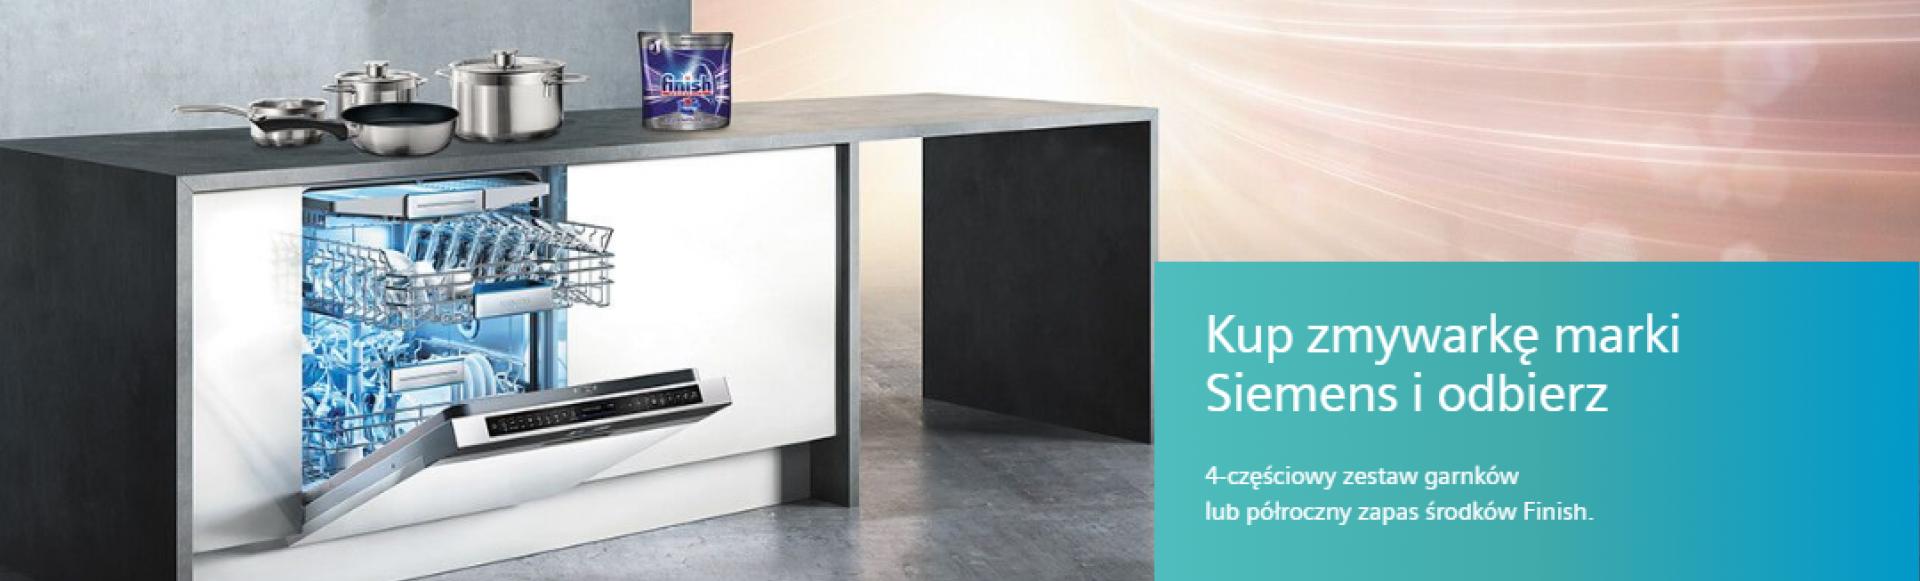 Promocja zmywarek Siemens